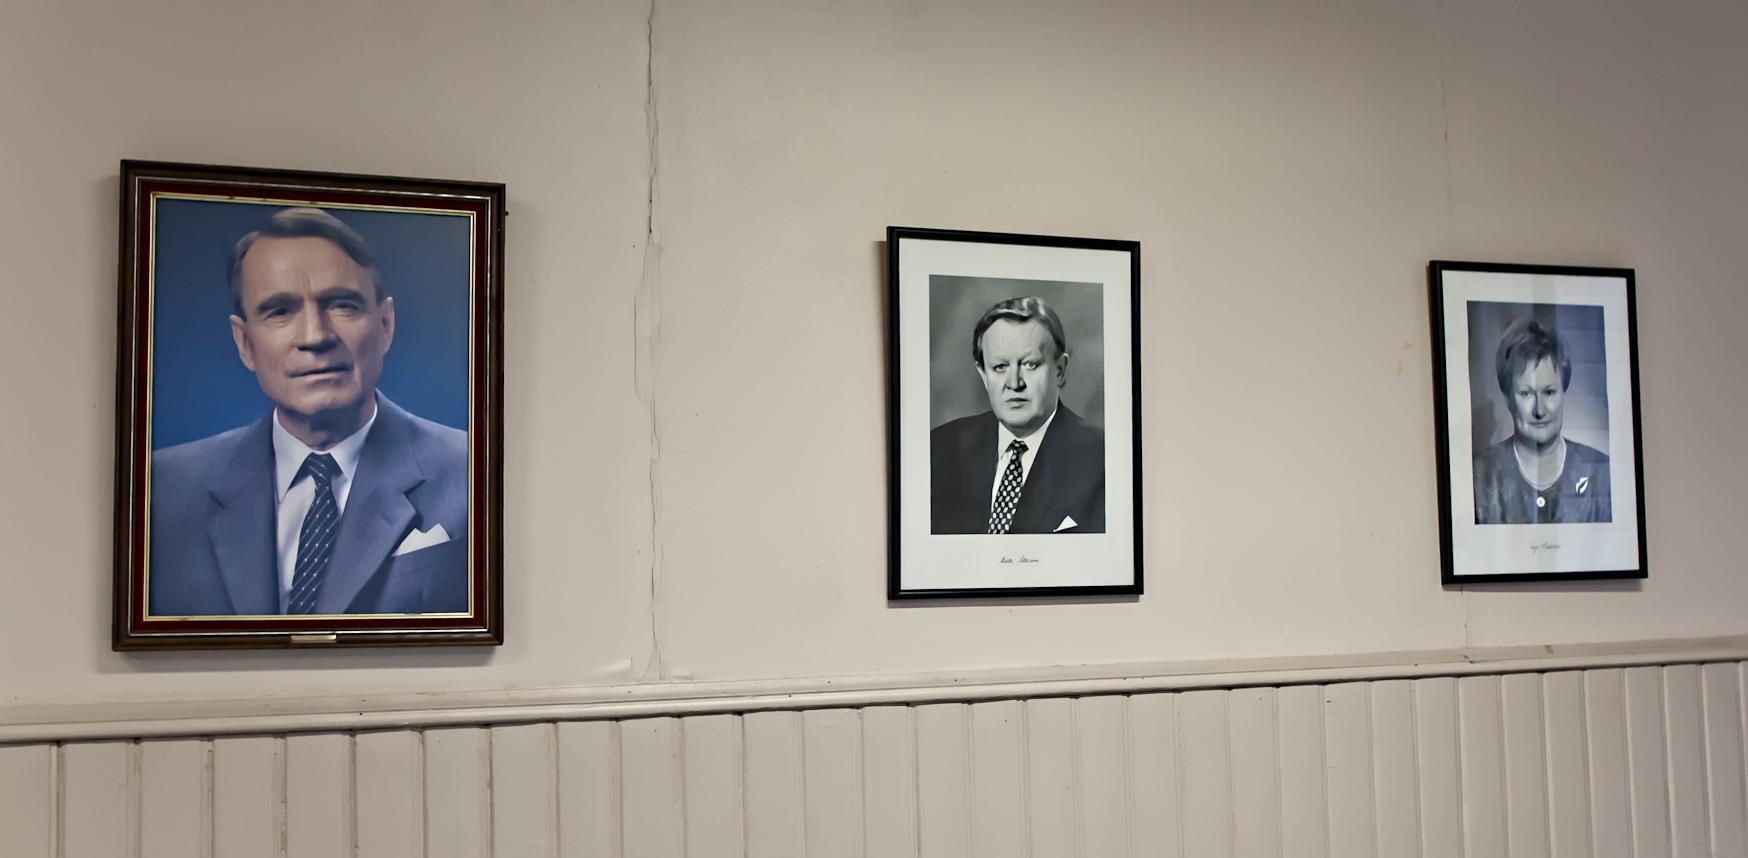 The presidents Koivisto, Ahtisaari and Halonen, photo 183001, 2011-11-12